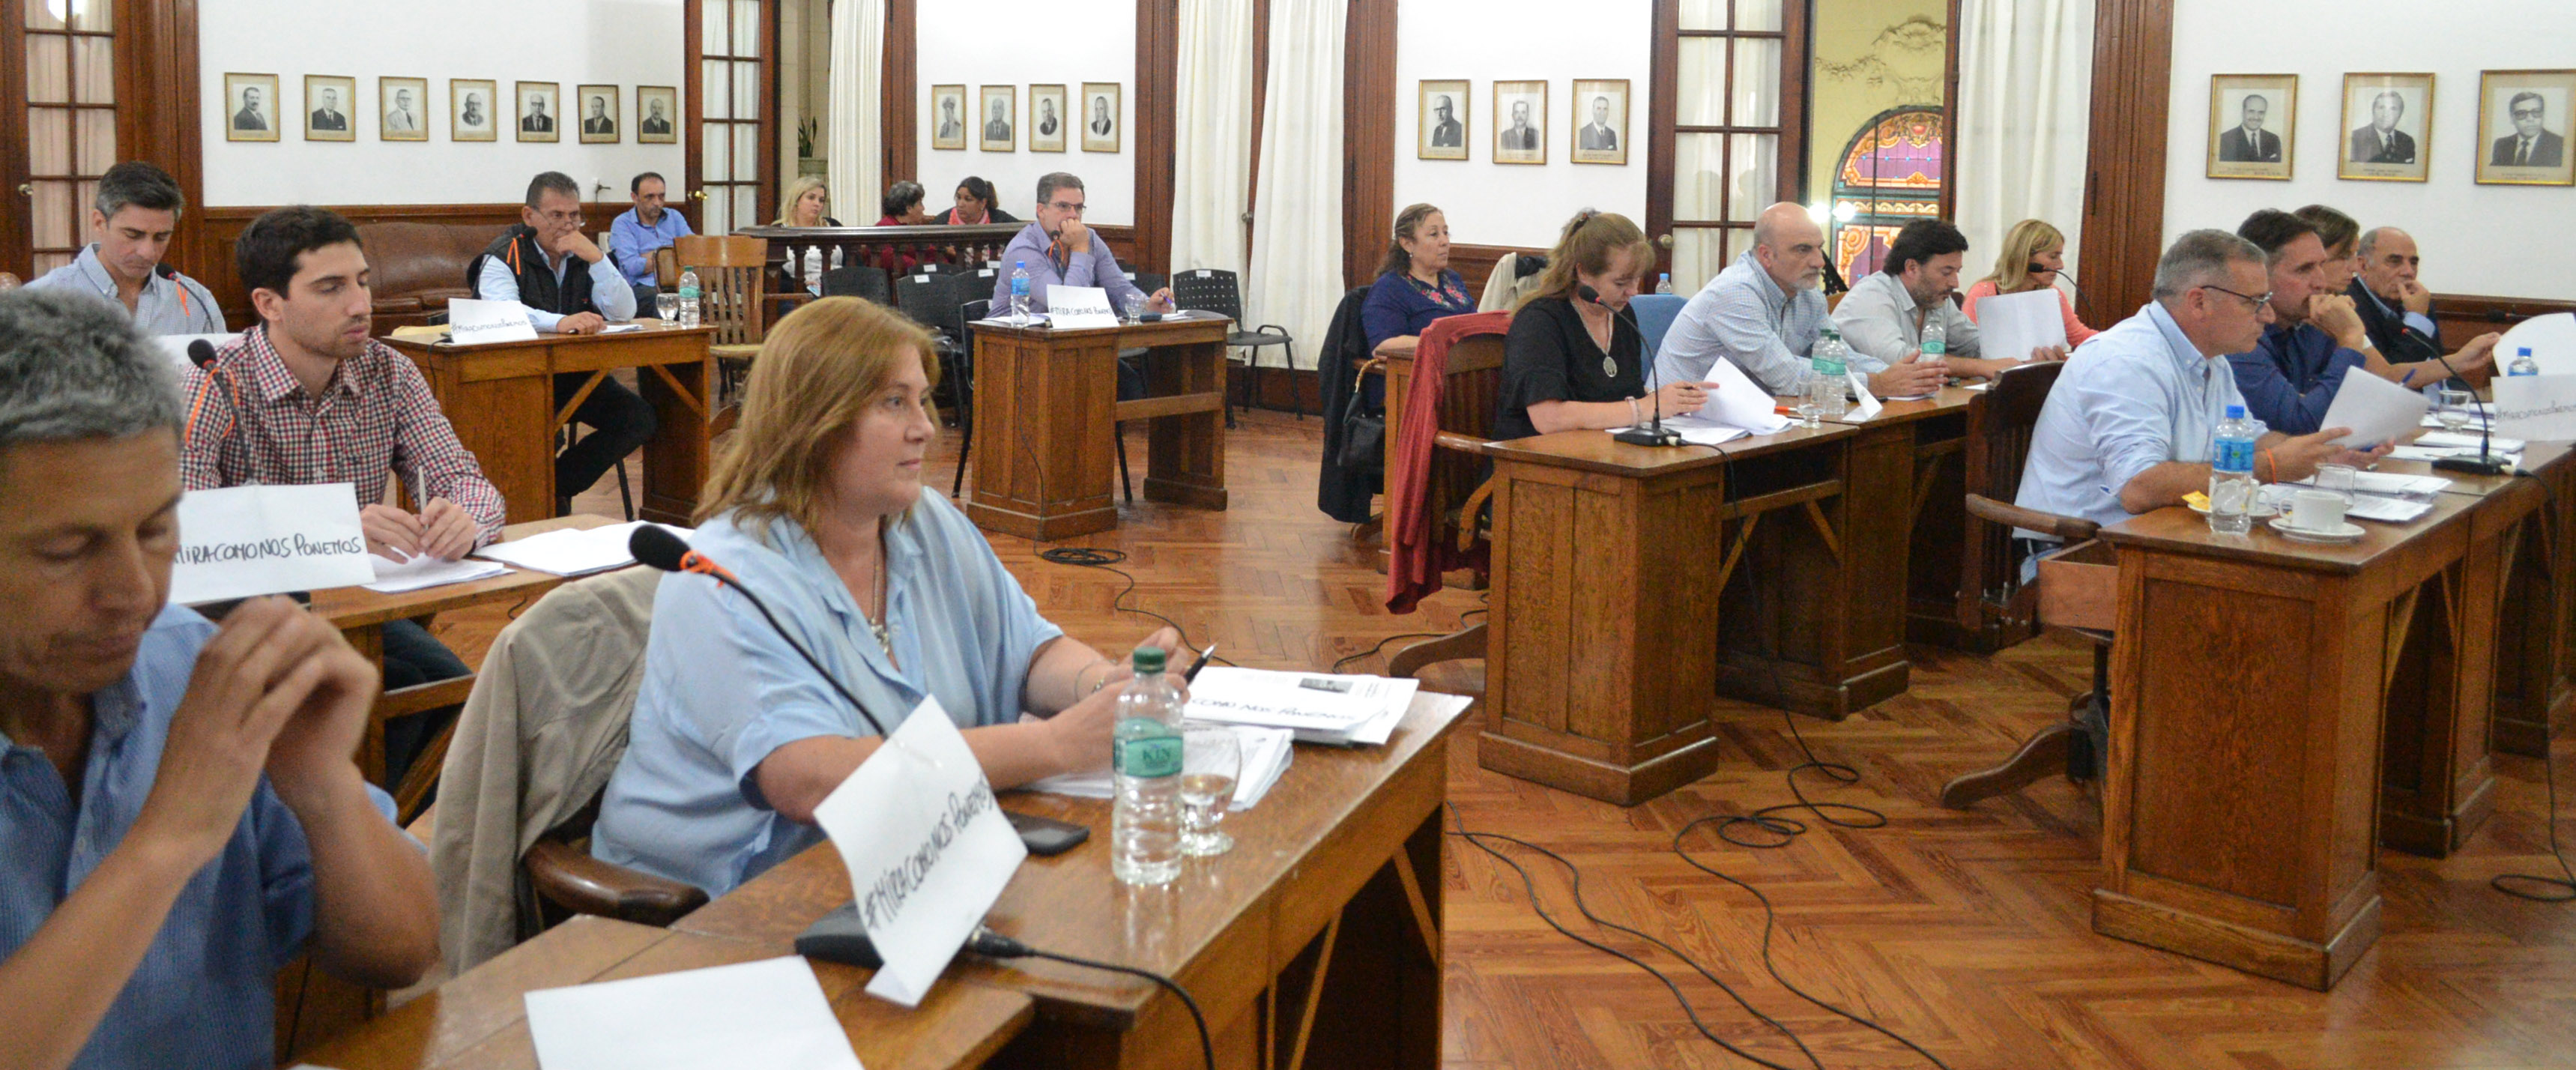 Se aprobó la Fiscal Impositiva con críticas por el aumentodel ABL y Cámaras de Monitoreo